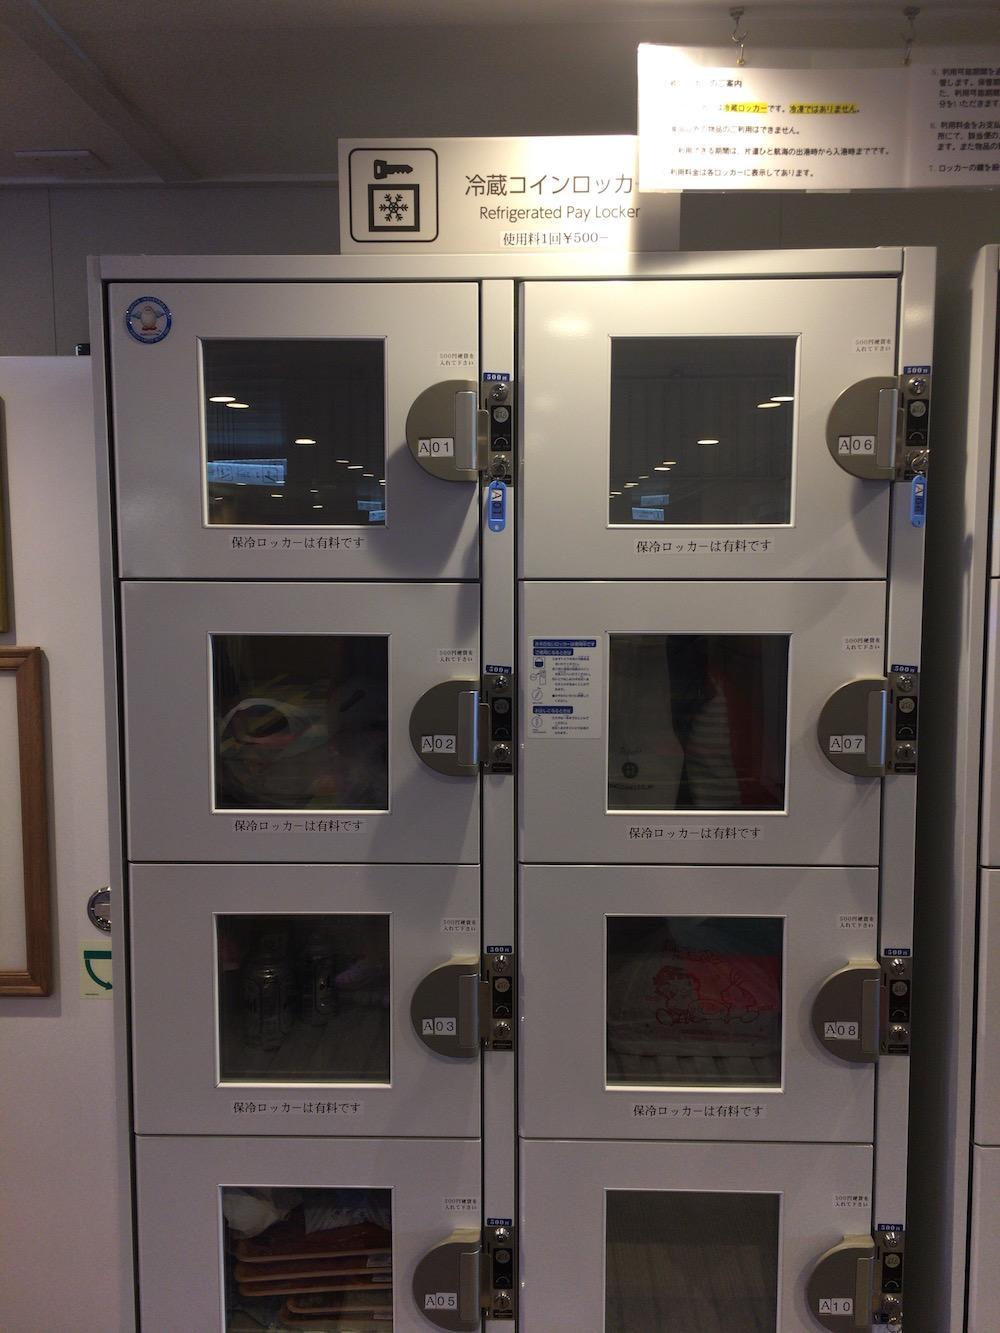 おがさわら丸の冷蔵ロッカー